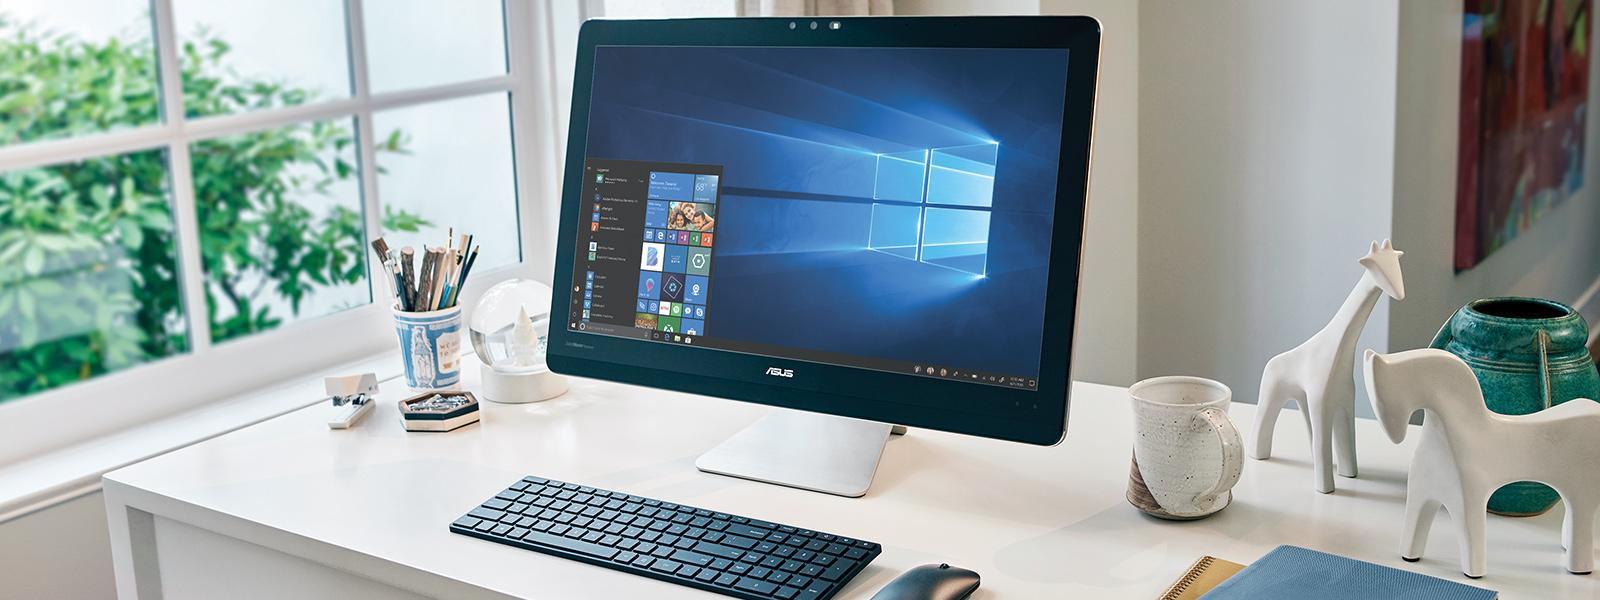 Ant stalo ASUS kompiuteris, o šalia belaidė pelė ir klaviatūra